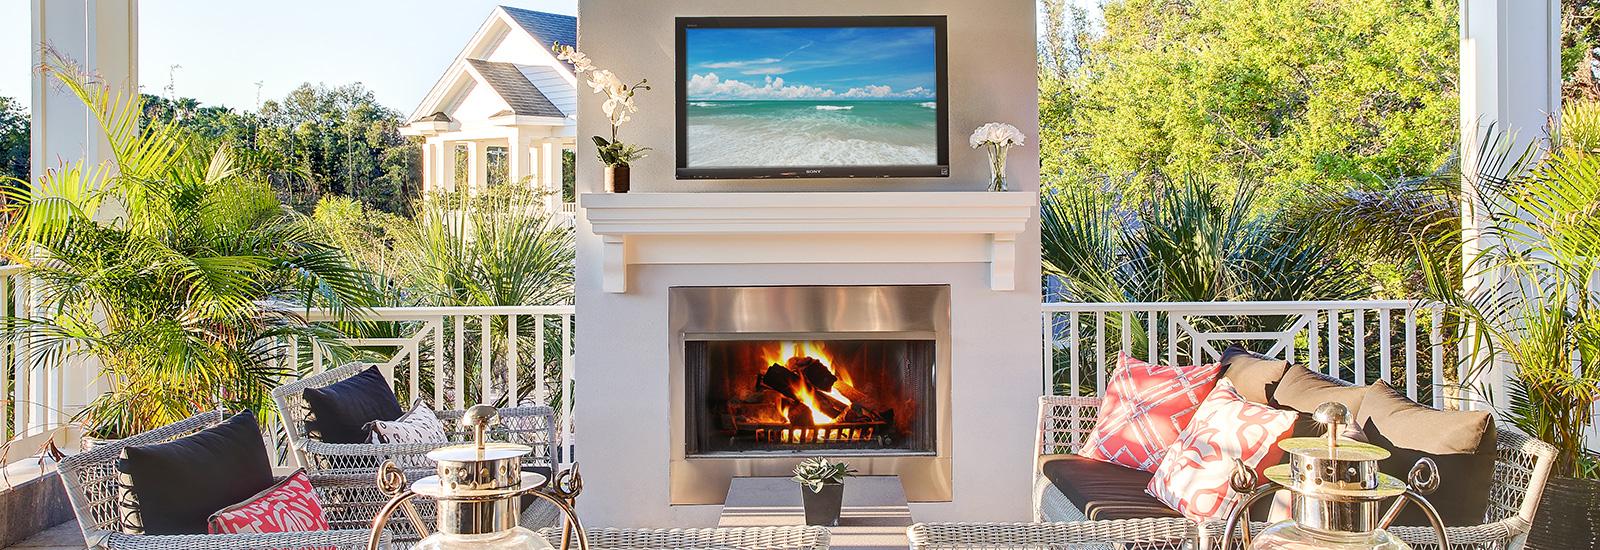 1600x550-GranadaPark-outdoor2.jpg